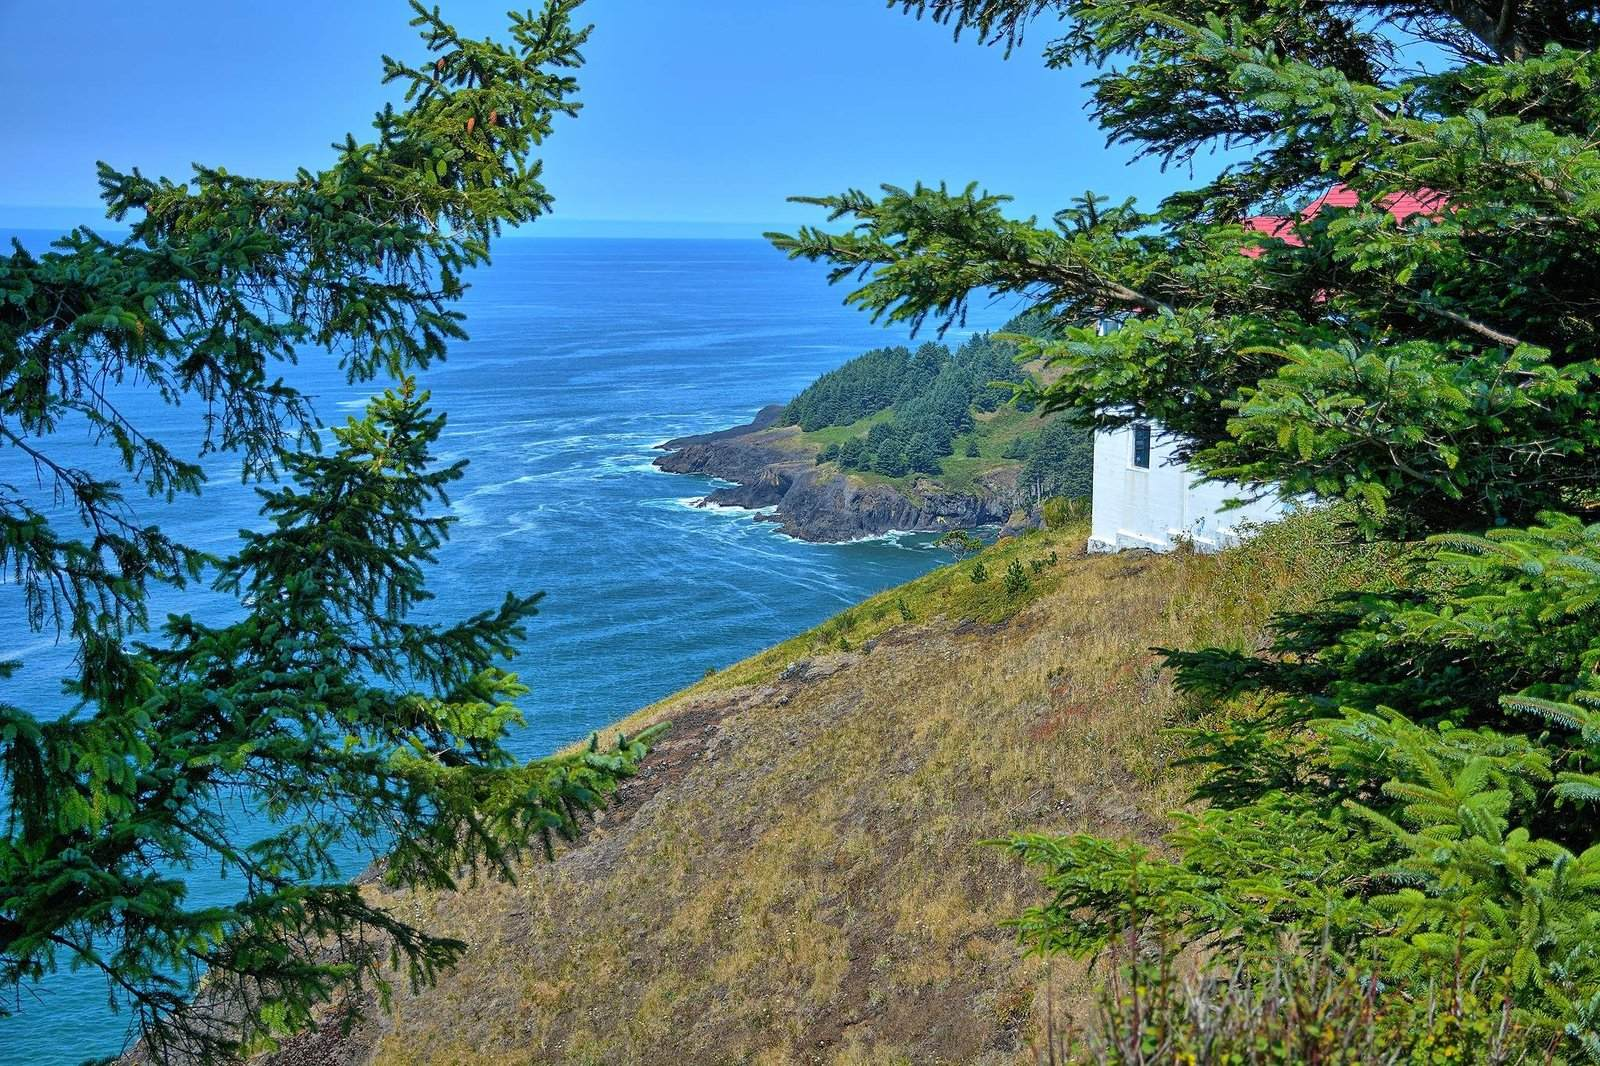 oregon coast3 Day at Oregon Coast